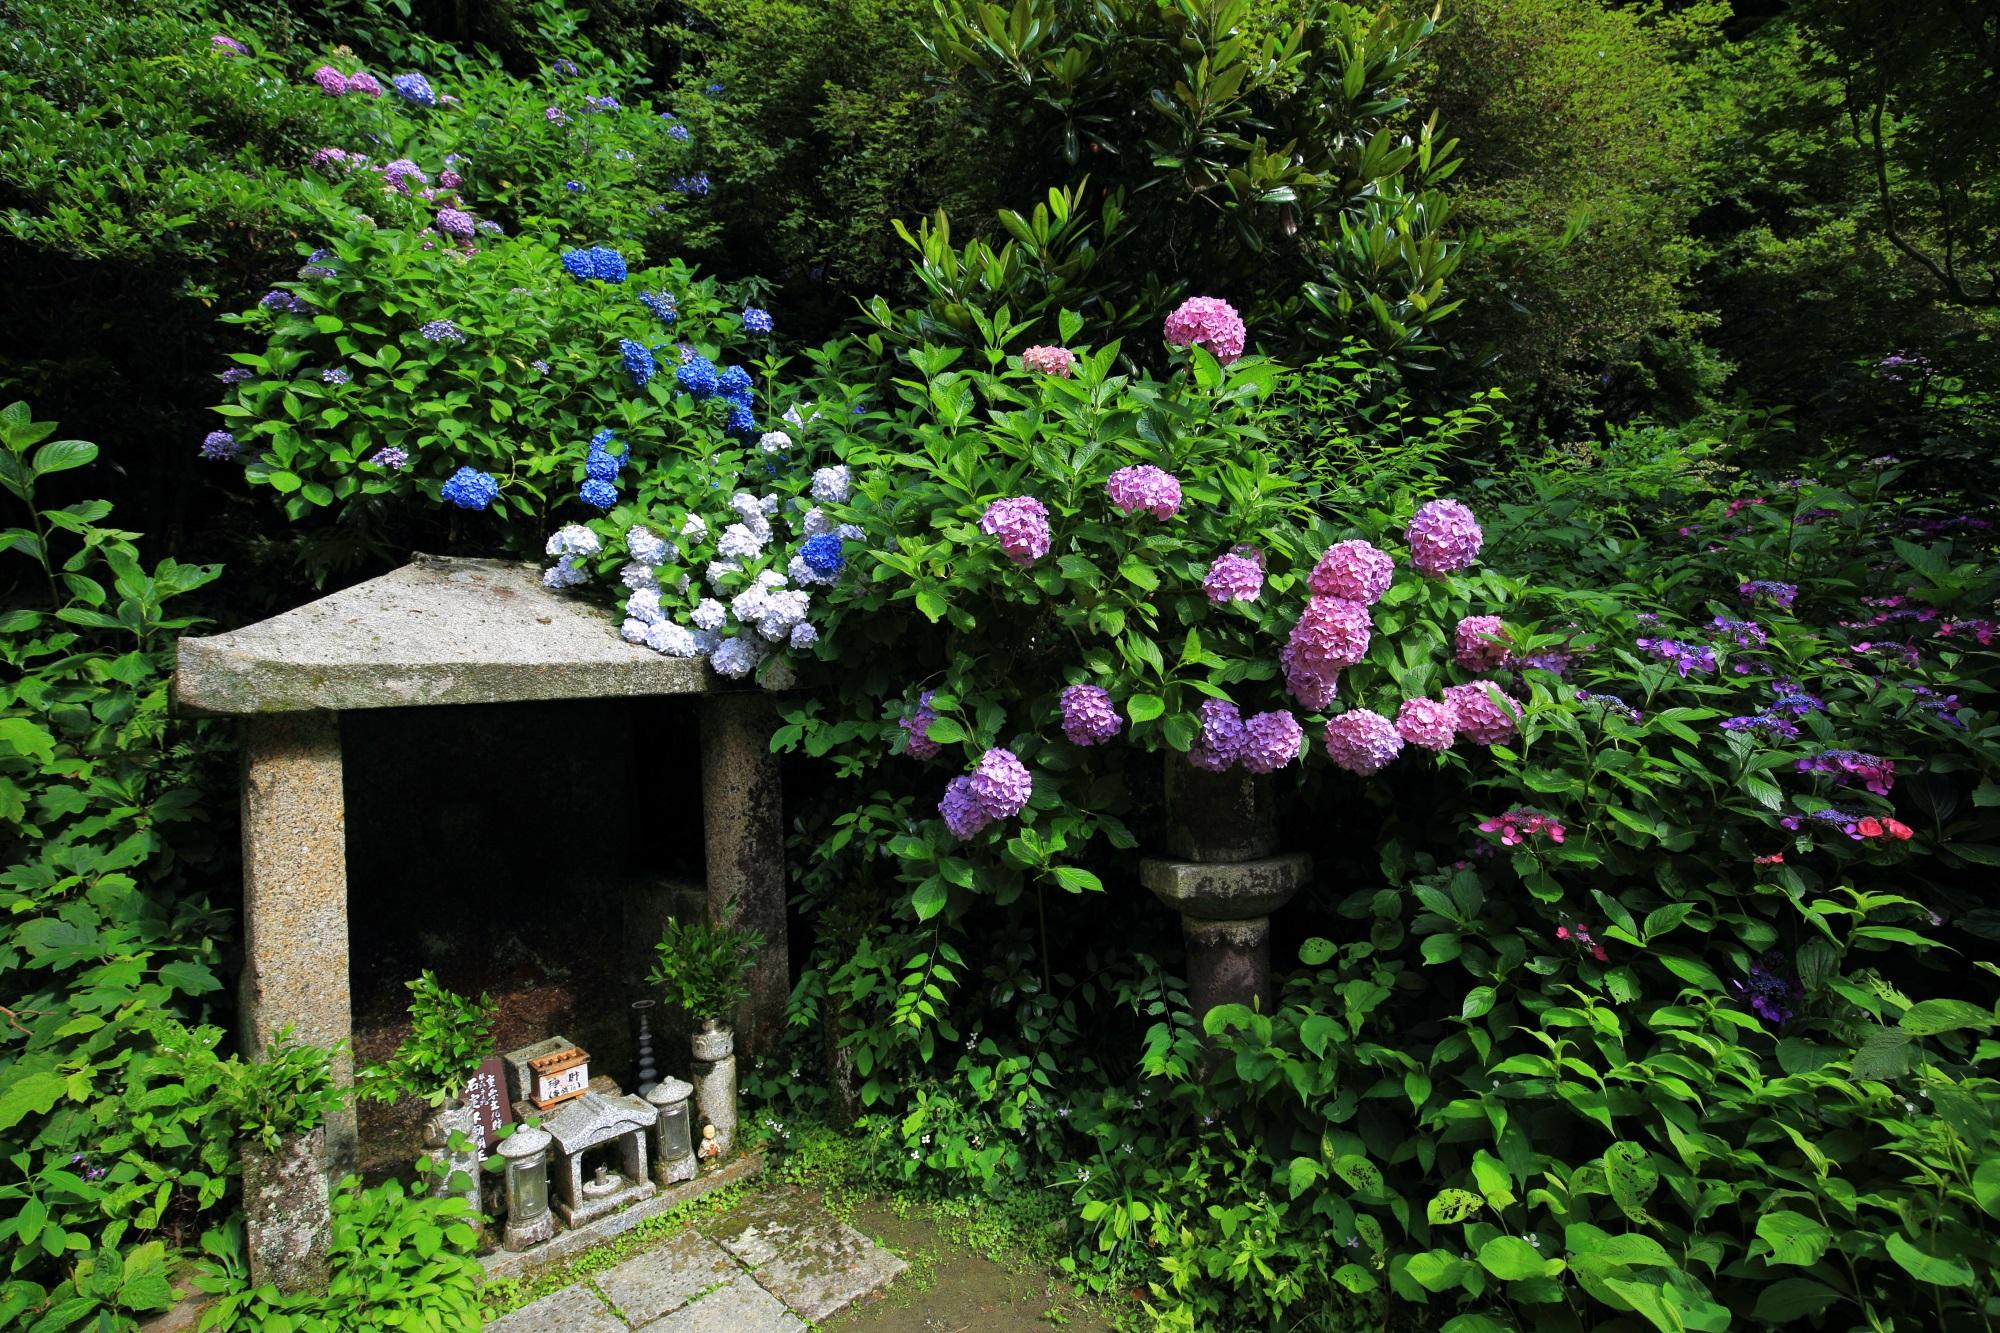 絵になる初夏の風景の石室不動明王立像と紫陽花